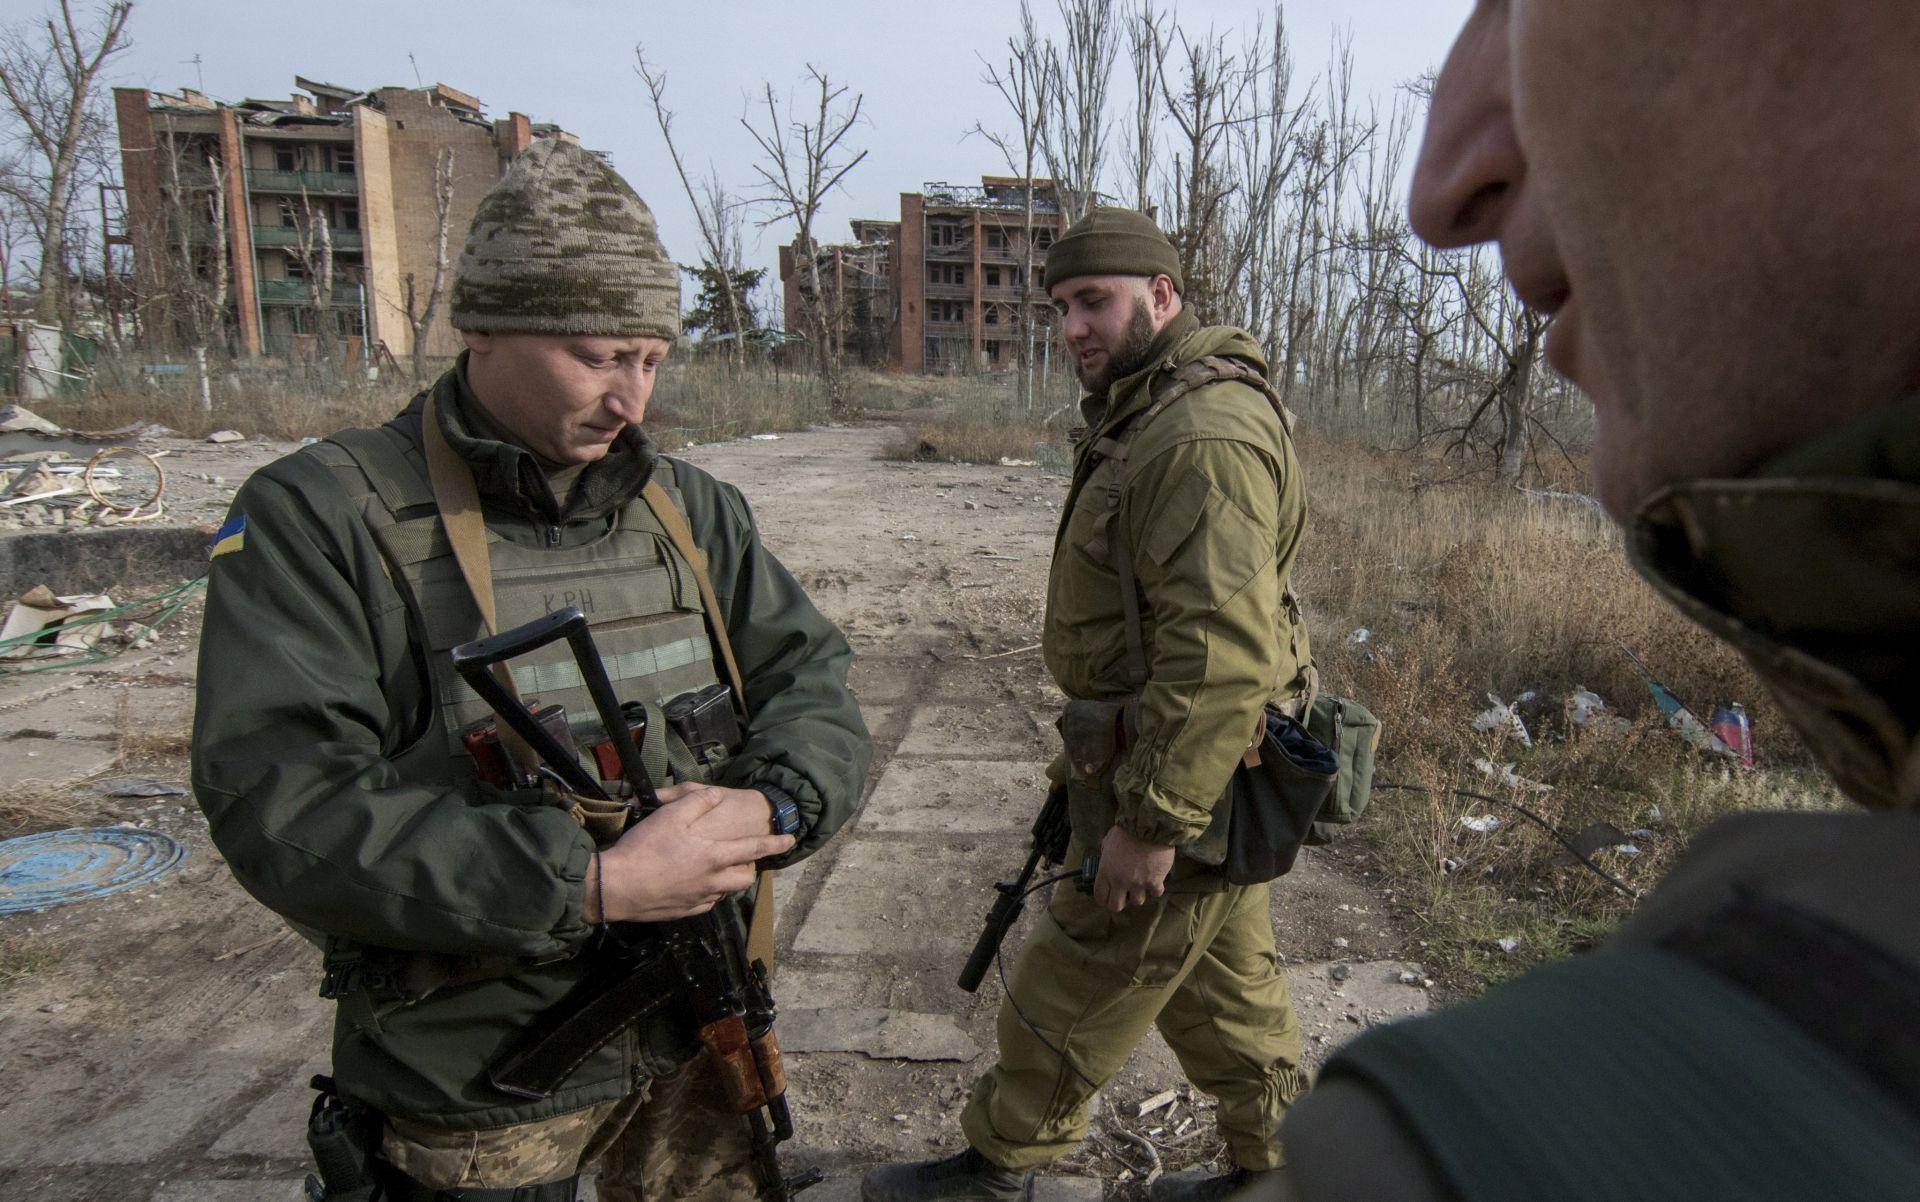 IZVJEŠĆE UN-A Rusija i dalje doprema oružje i ljudstvo u Ukrajinu